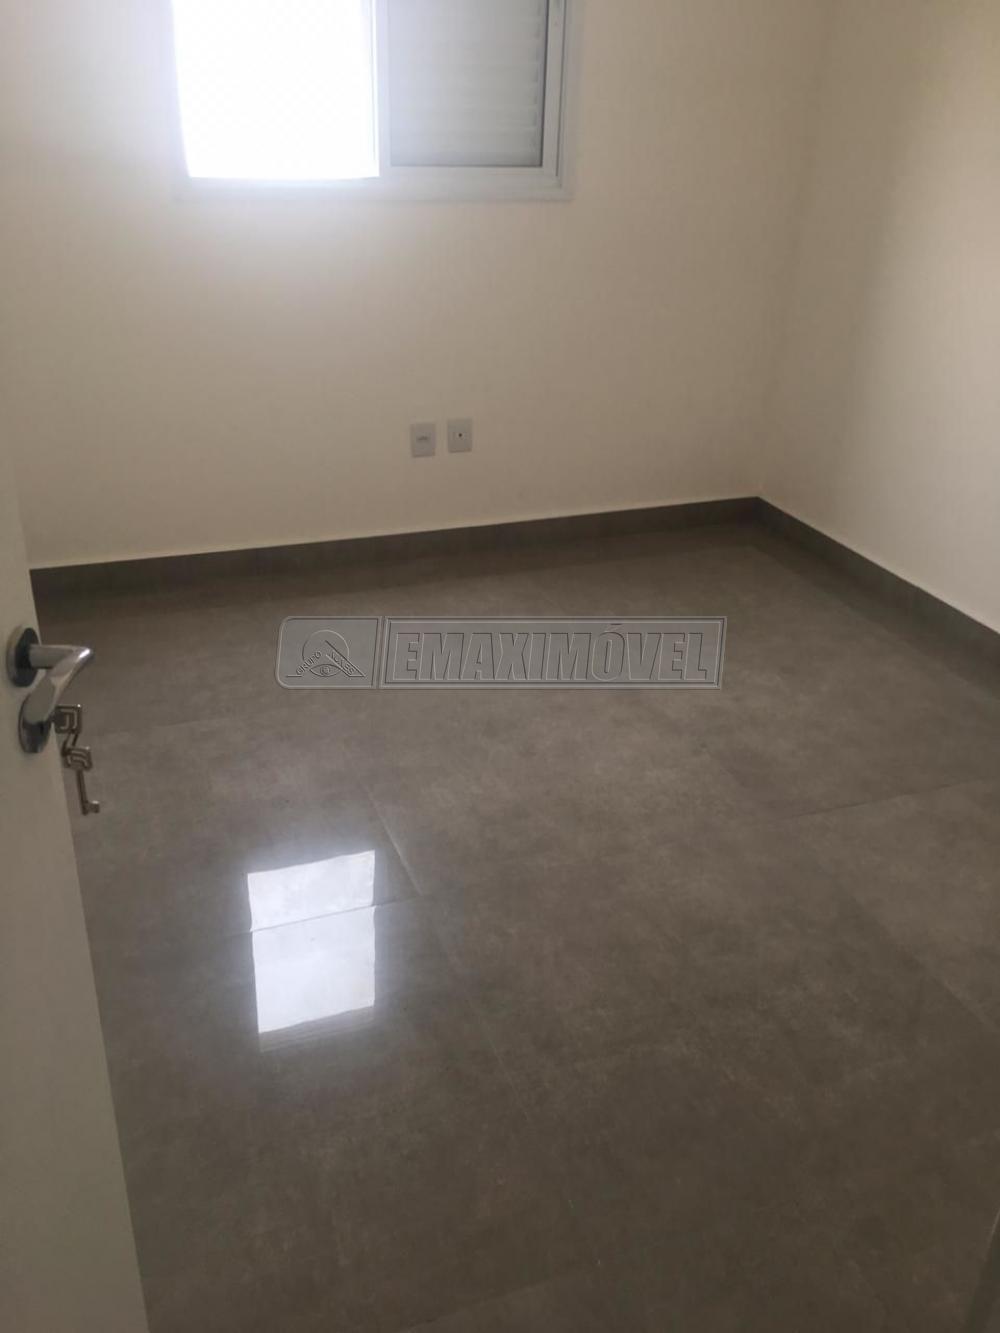 Comprar Apartamentos / Apto Padrão em Sorocaba apenas R$ 280.000,00 - Foto 10